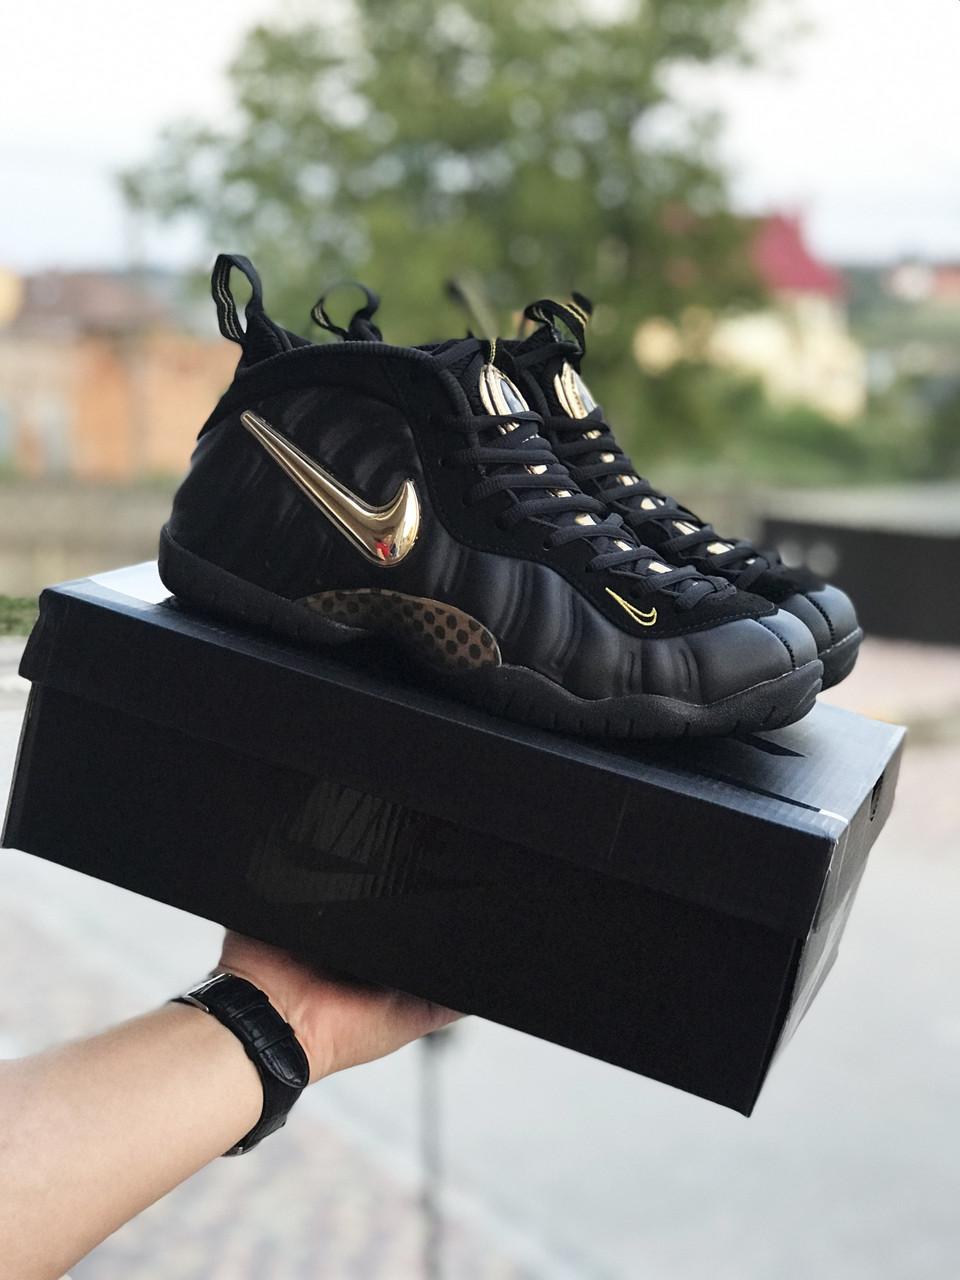 Мужские кроссовки Nike Air Foamposite Pro,черные с золотым 46р